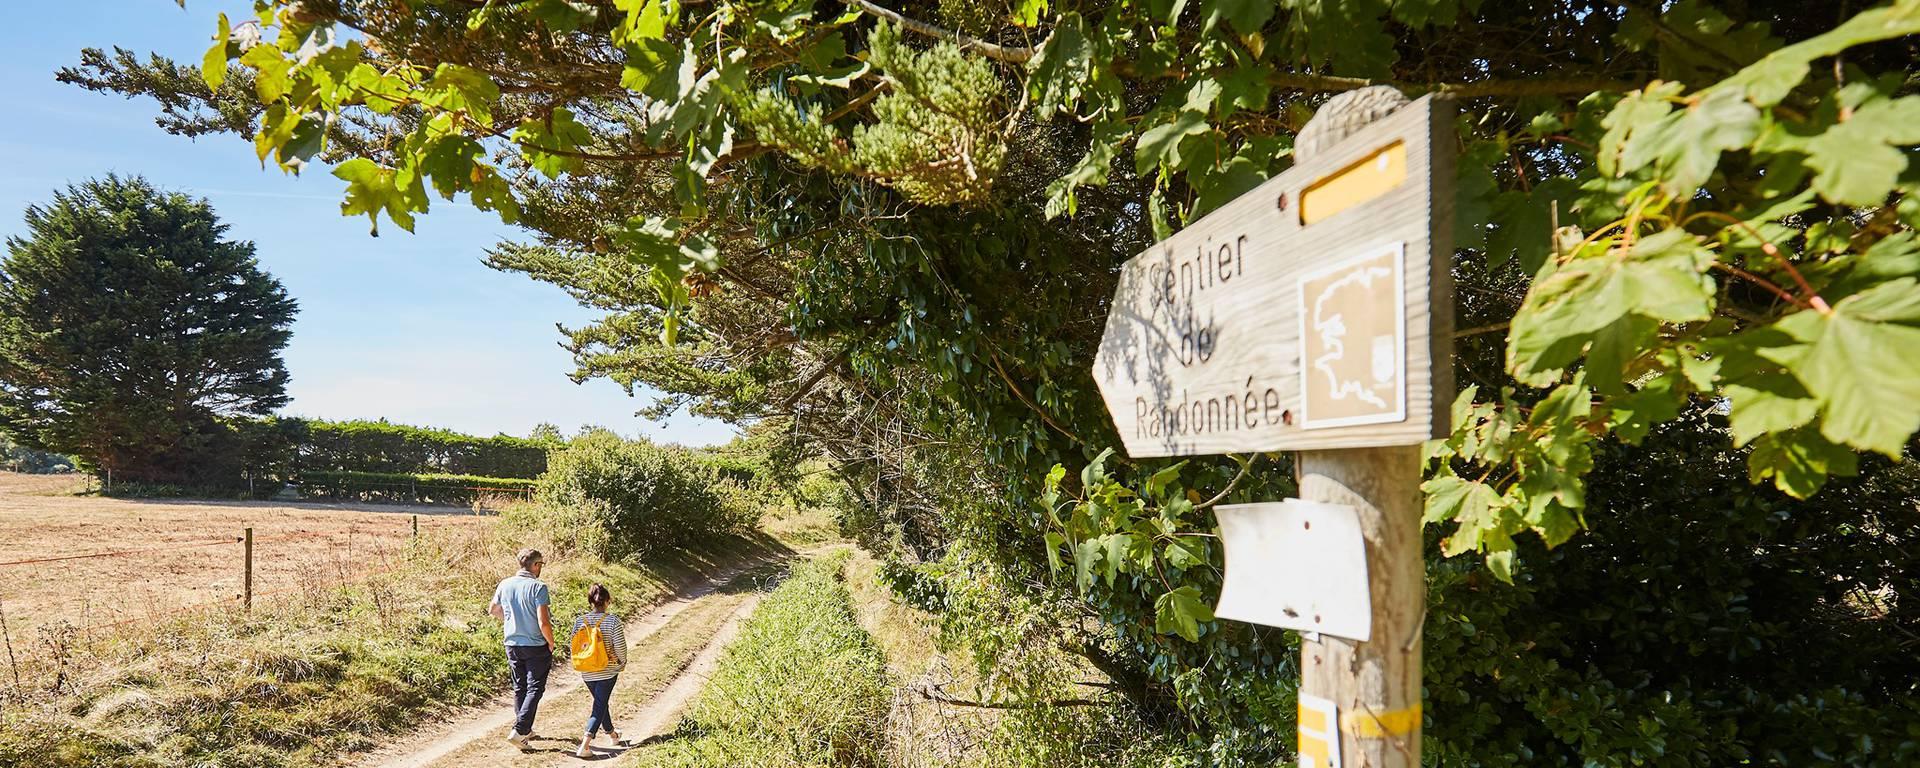 Sentiers de randonnée à Penmarc'h © A Lamoureux